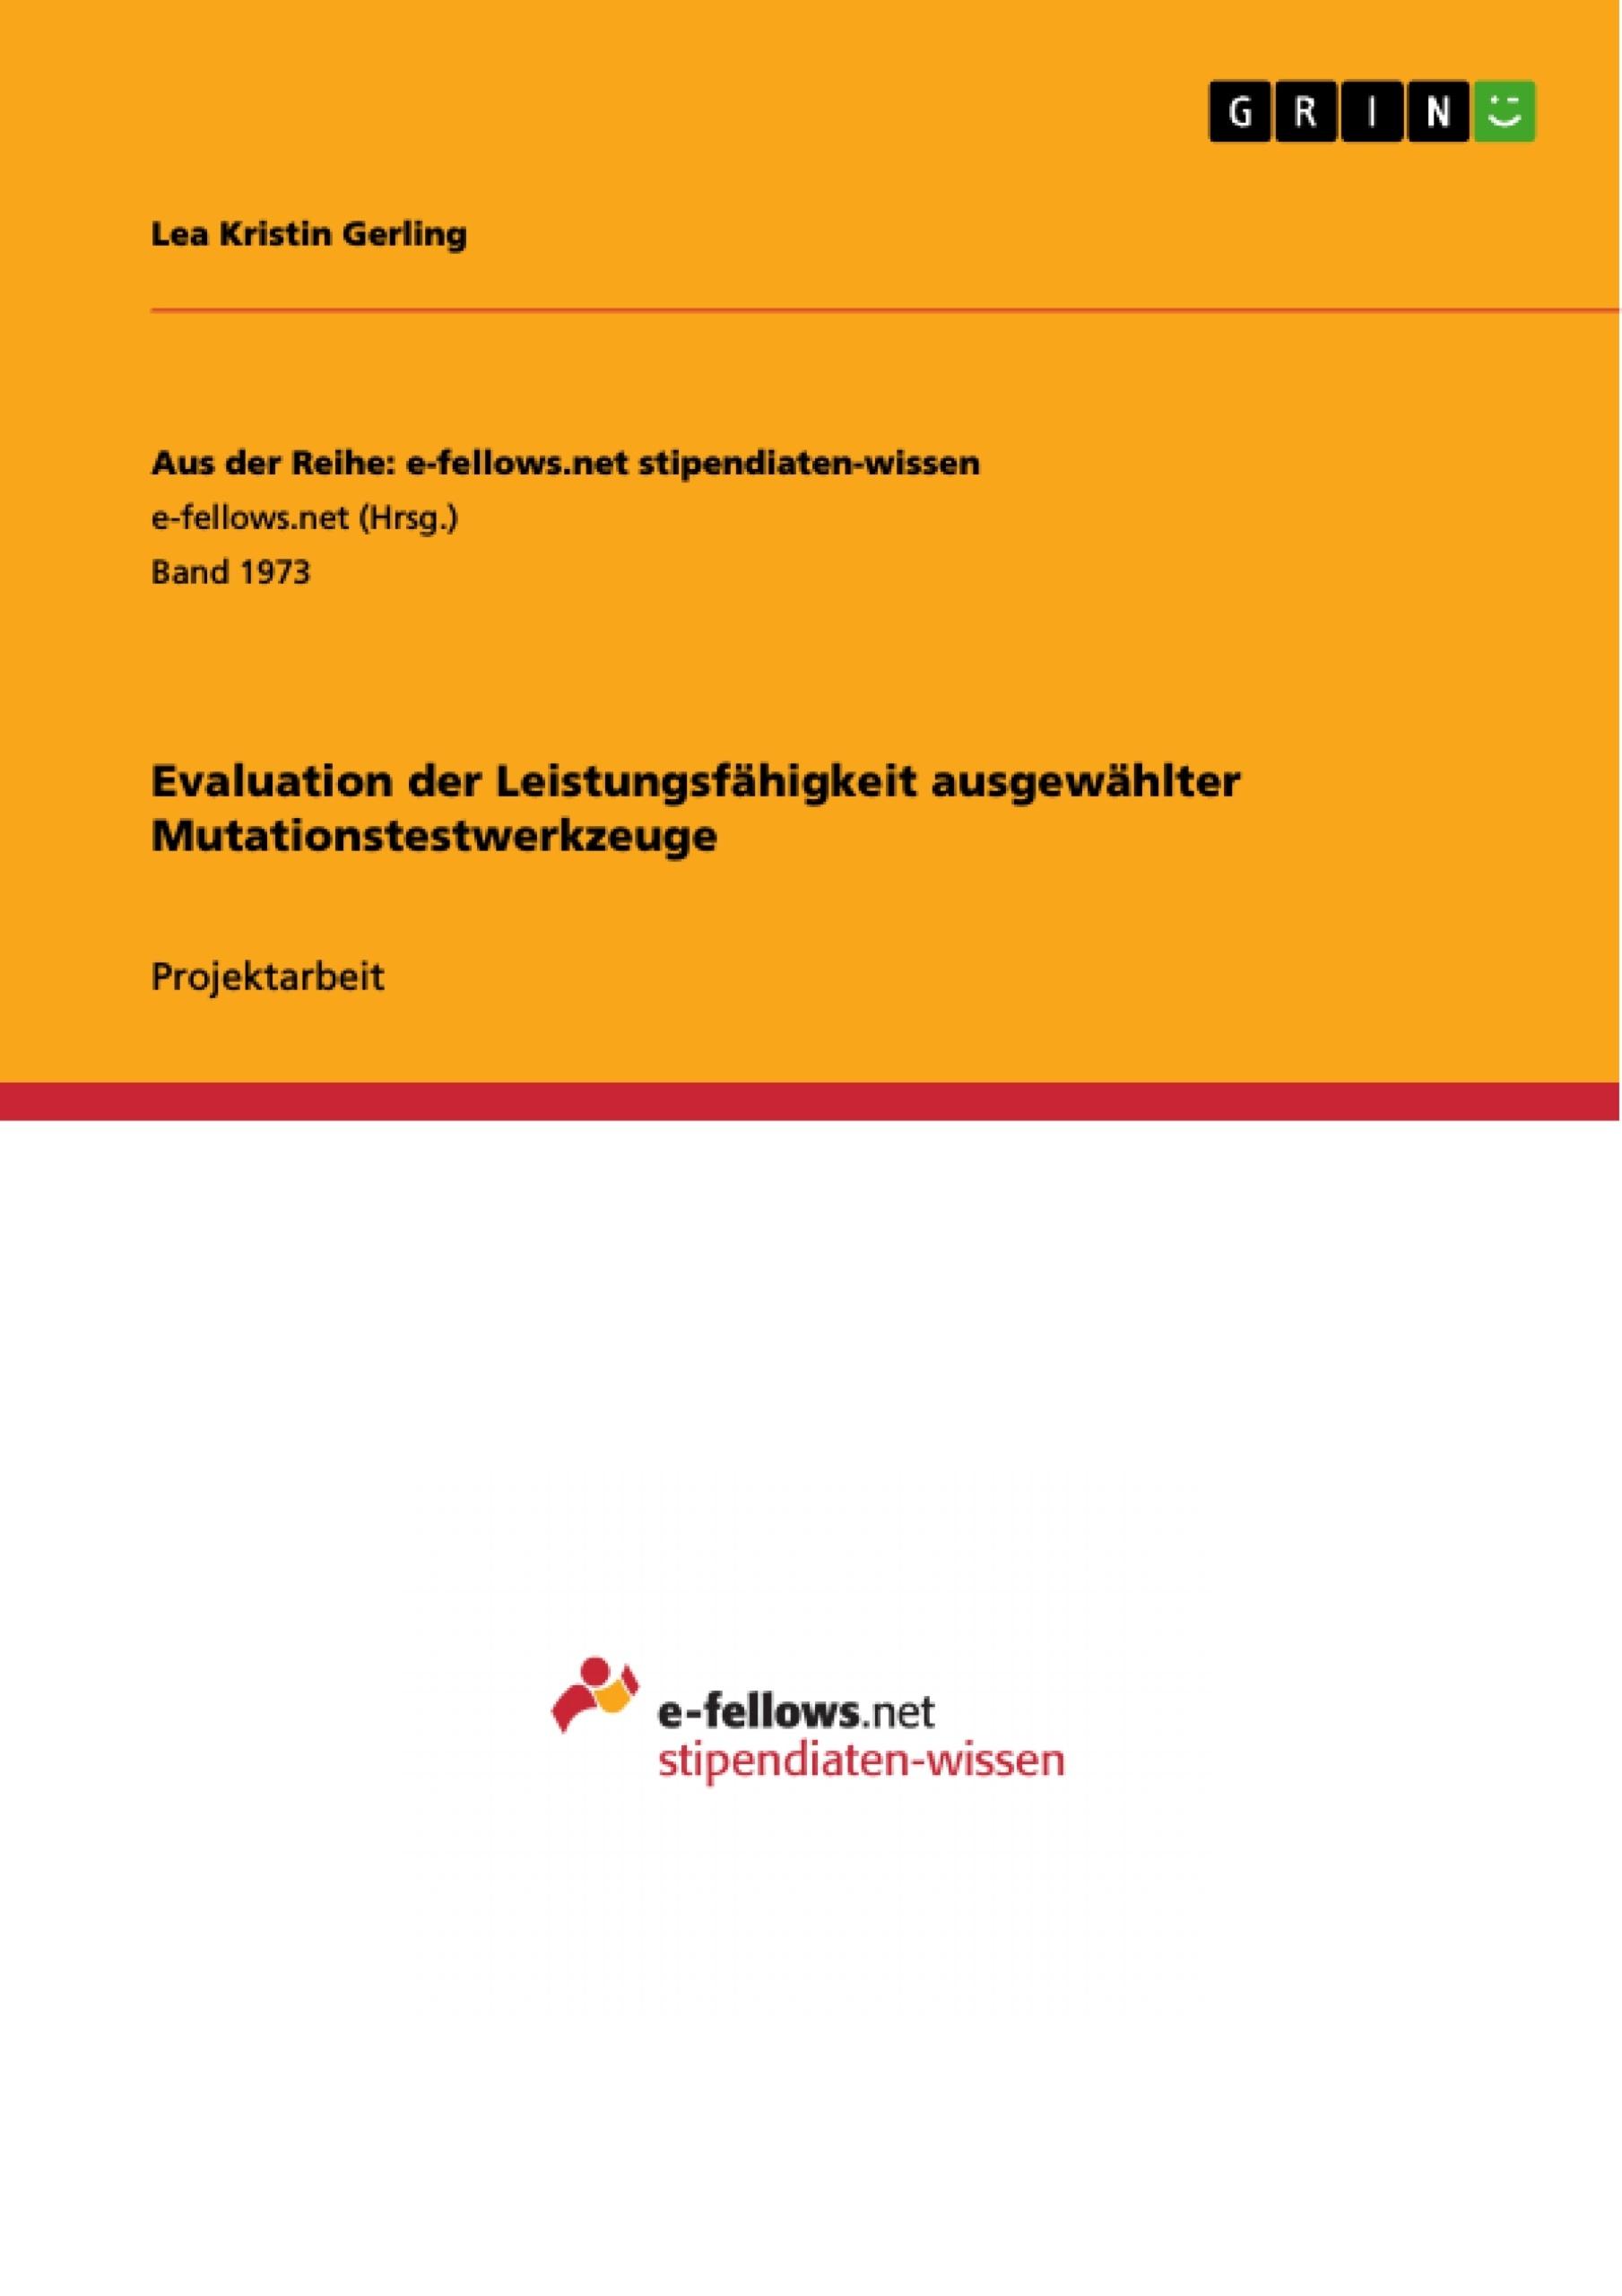 Titel: Evaluation der Leistungsfähigkeit ausgewählter Mutationstestwerkzeuge